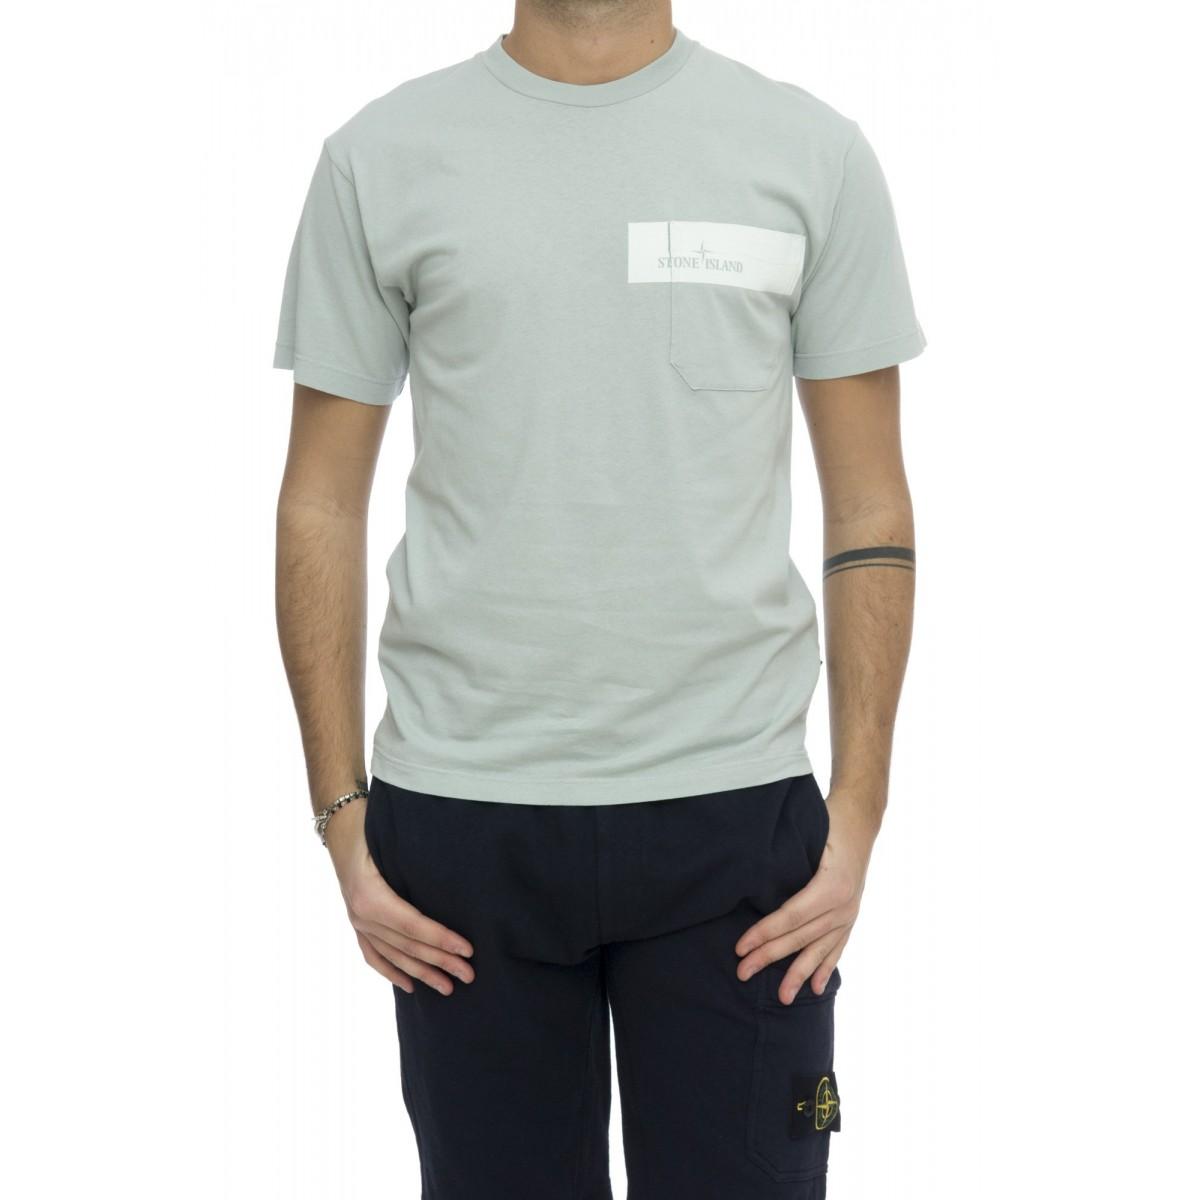 T-shirt - 24285 t-shirt taschino